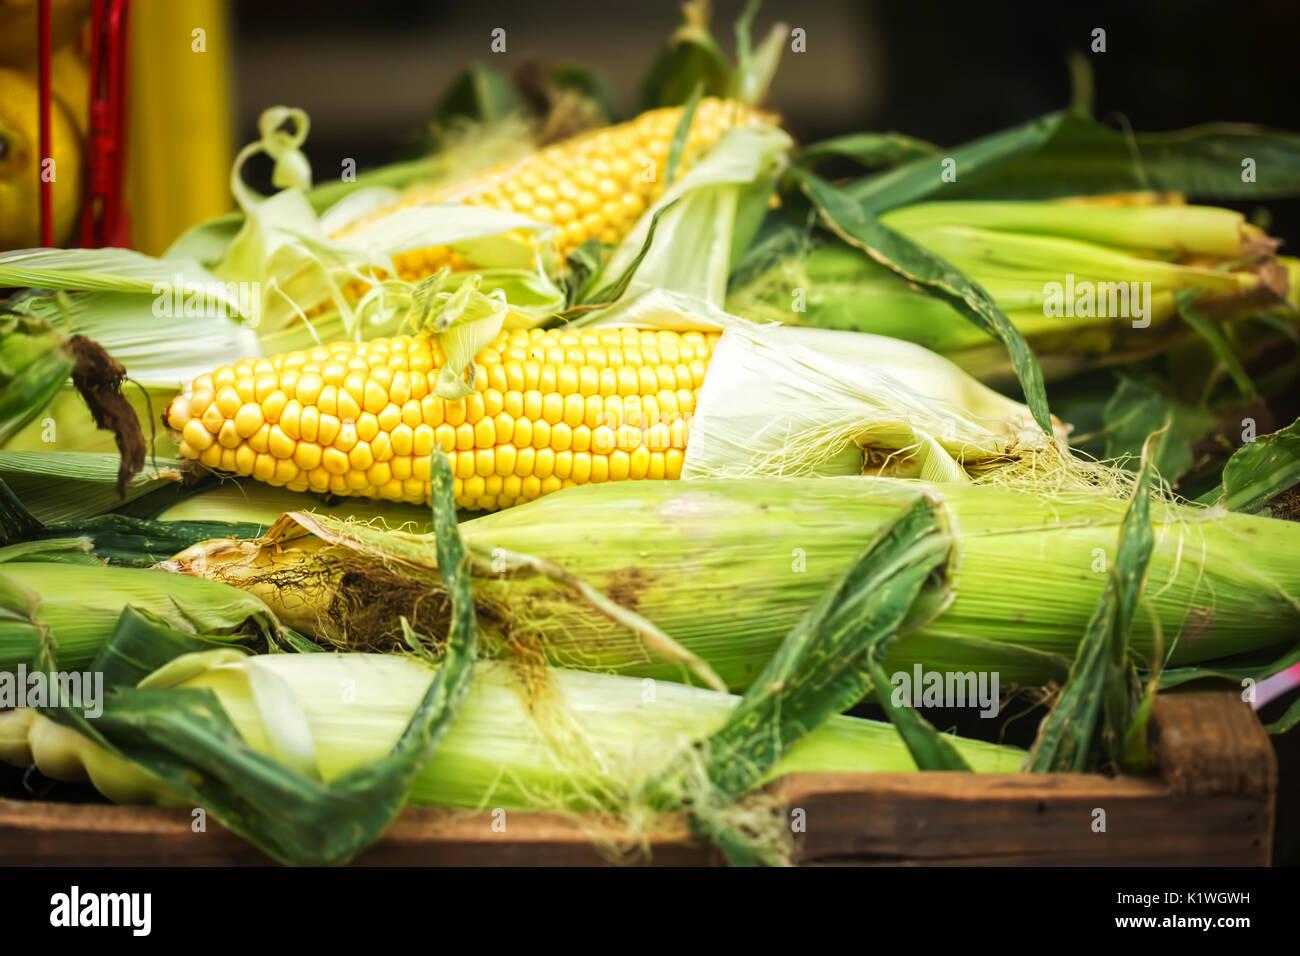 Des épis de maïs, la récolte de la rue du marché Photo Stock